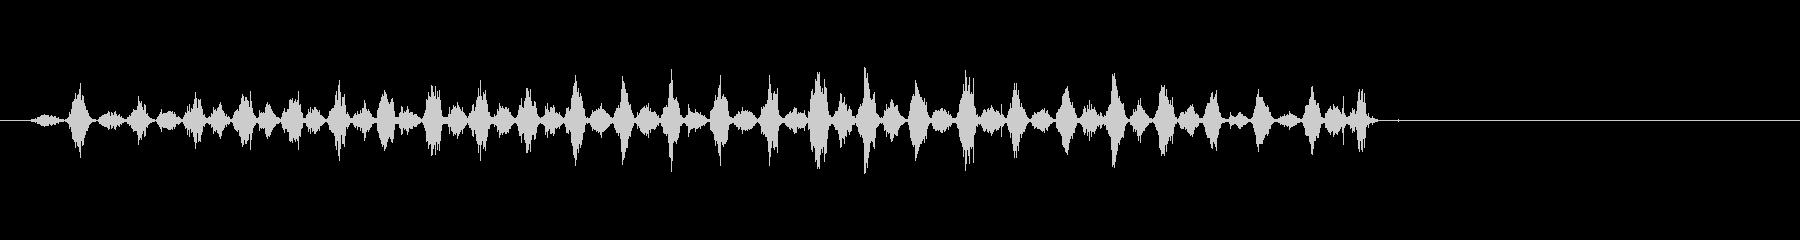 弓のこぎり-金属製-楽器の未再生の波形